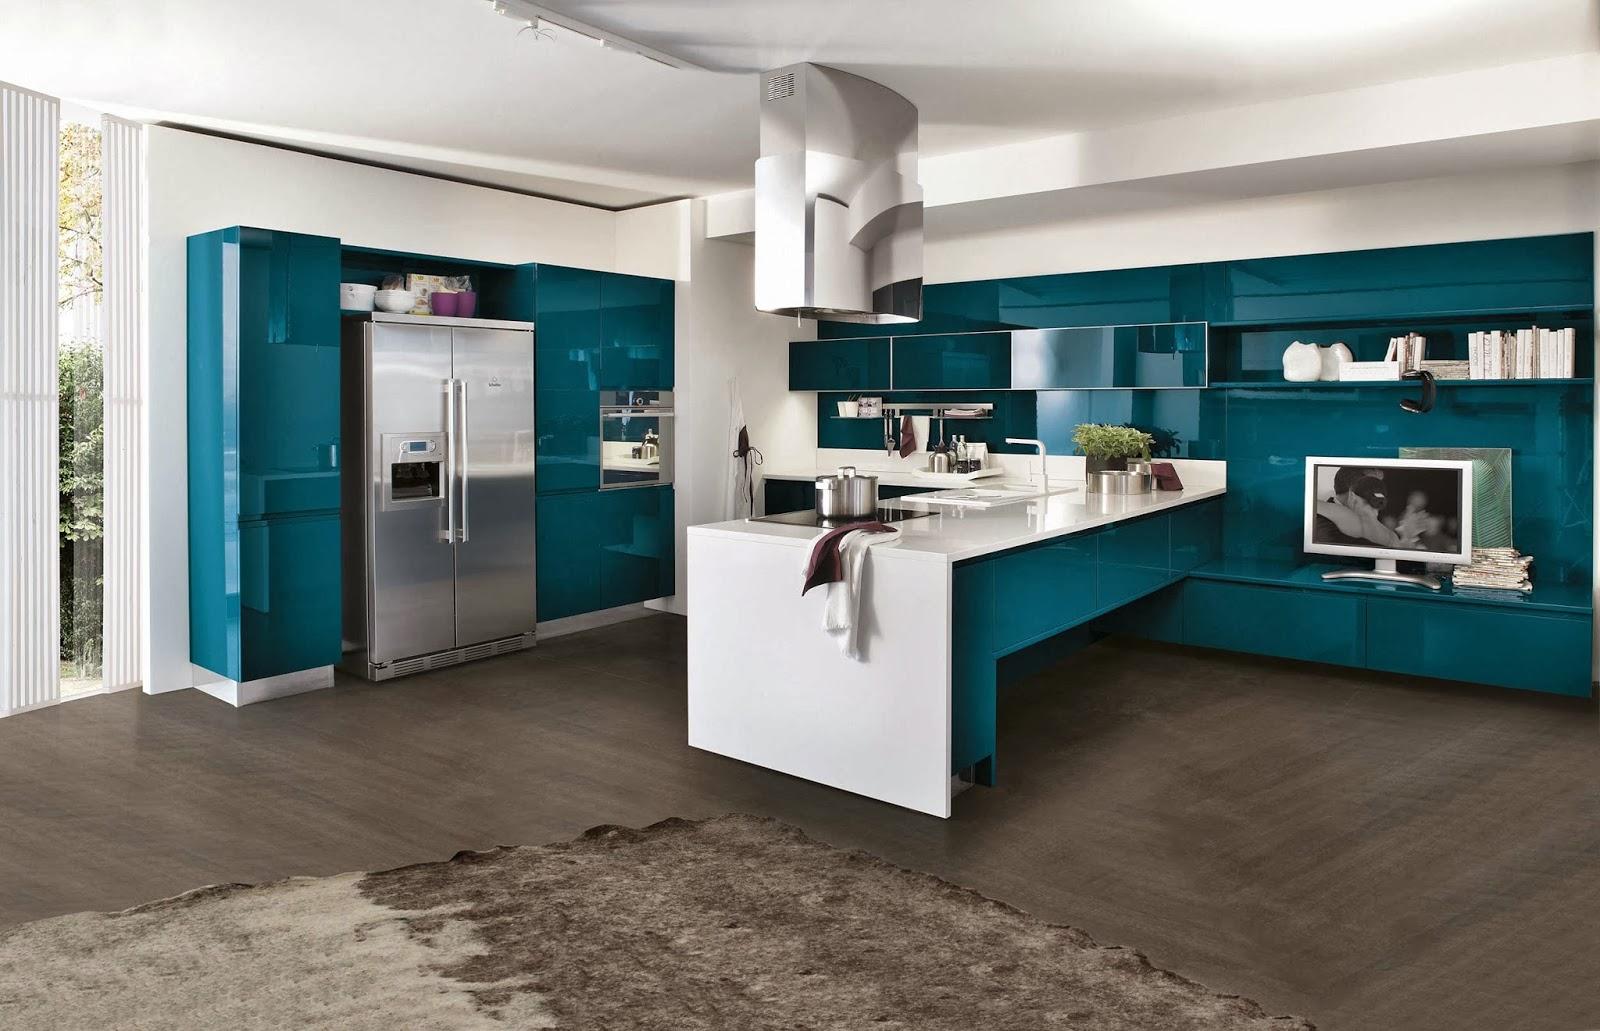 Cucine Moderne Le Migliori Soluzioni Per Arredare La Tua Cucina  #084E5C 1600 1031 Isole E Carrelli Di Cucina